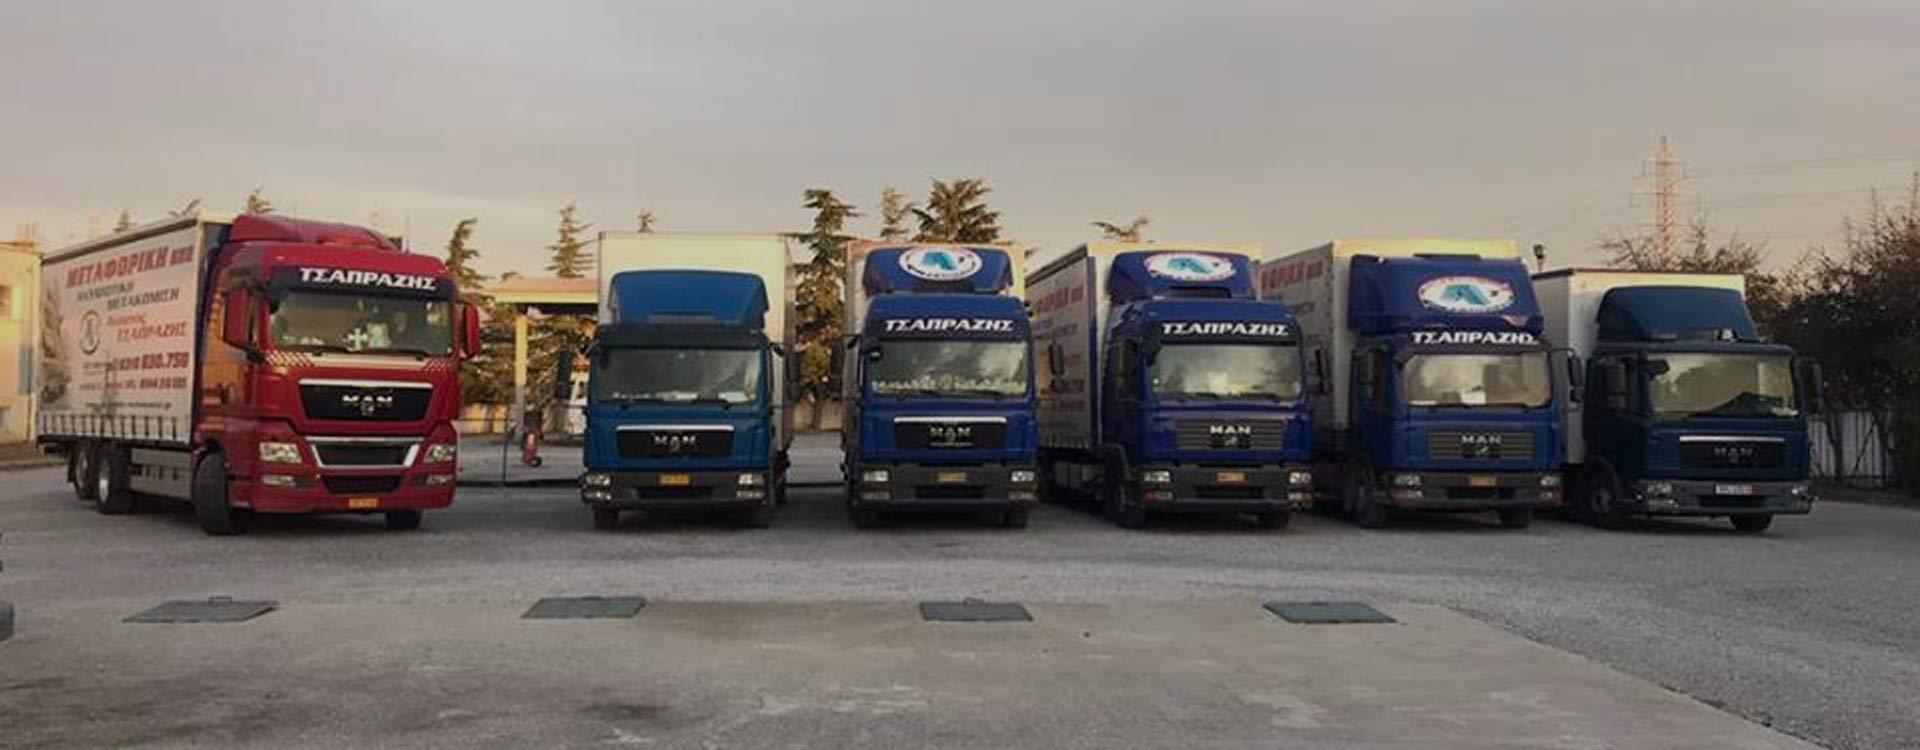 Τσαπράζης Ανέστης Μεταφορές & Μετακομίσεις